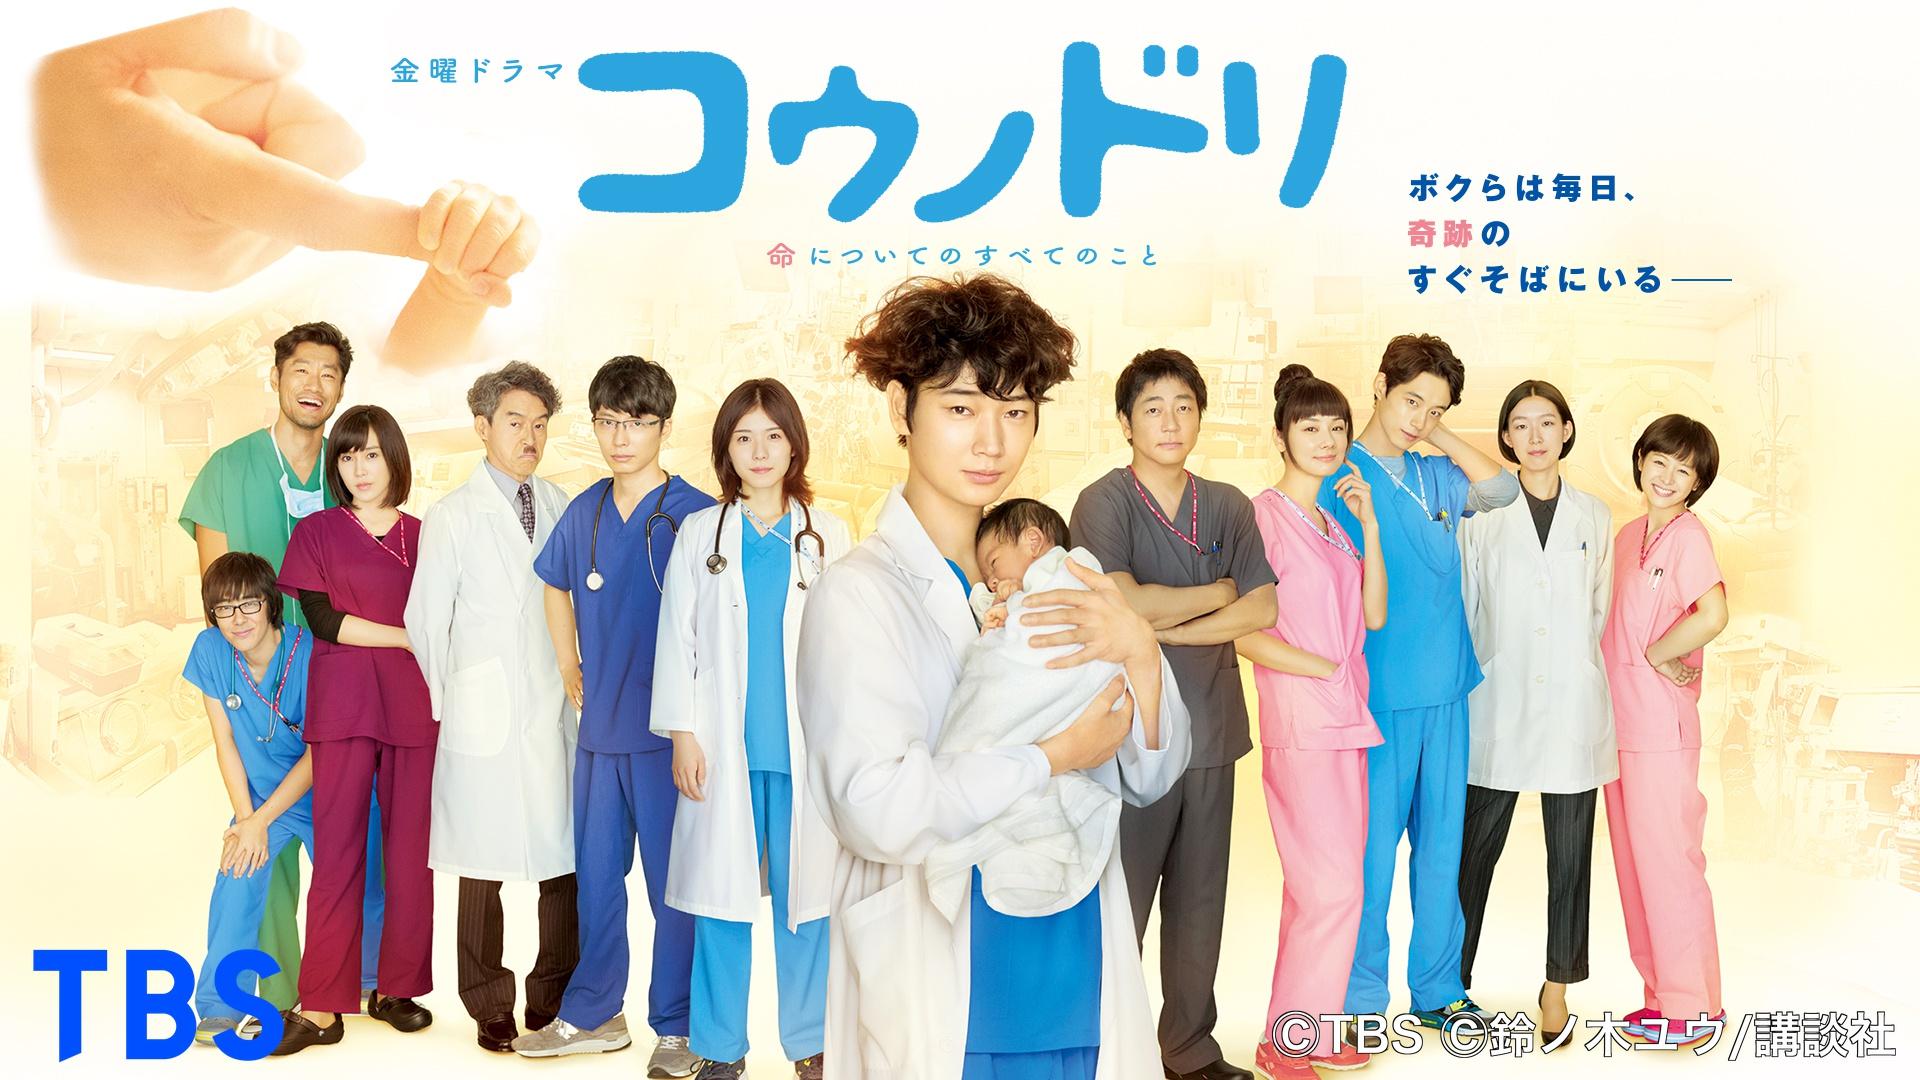 コウノドリ(2015)【TBSオンデマンド】